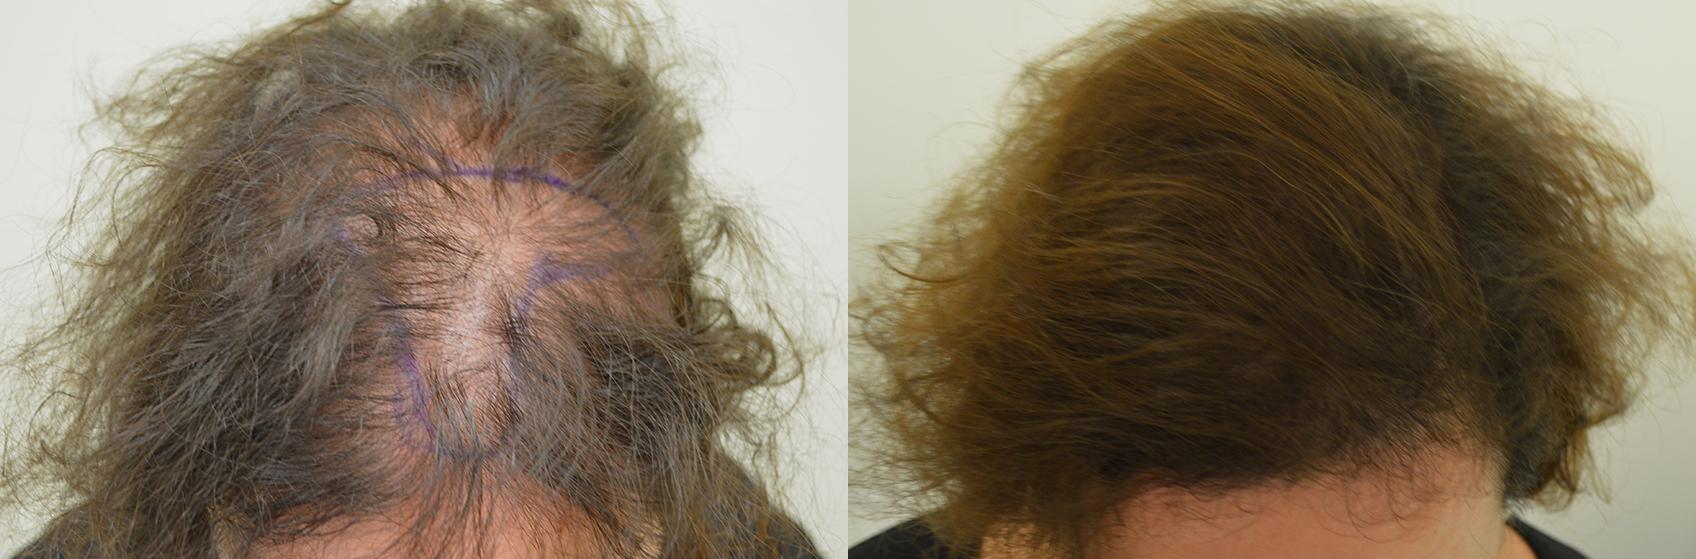 autotrapianto capelli su calvizie femminile